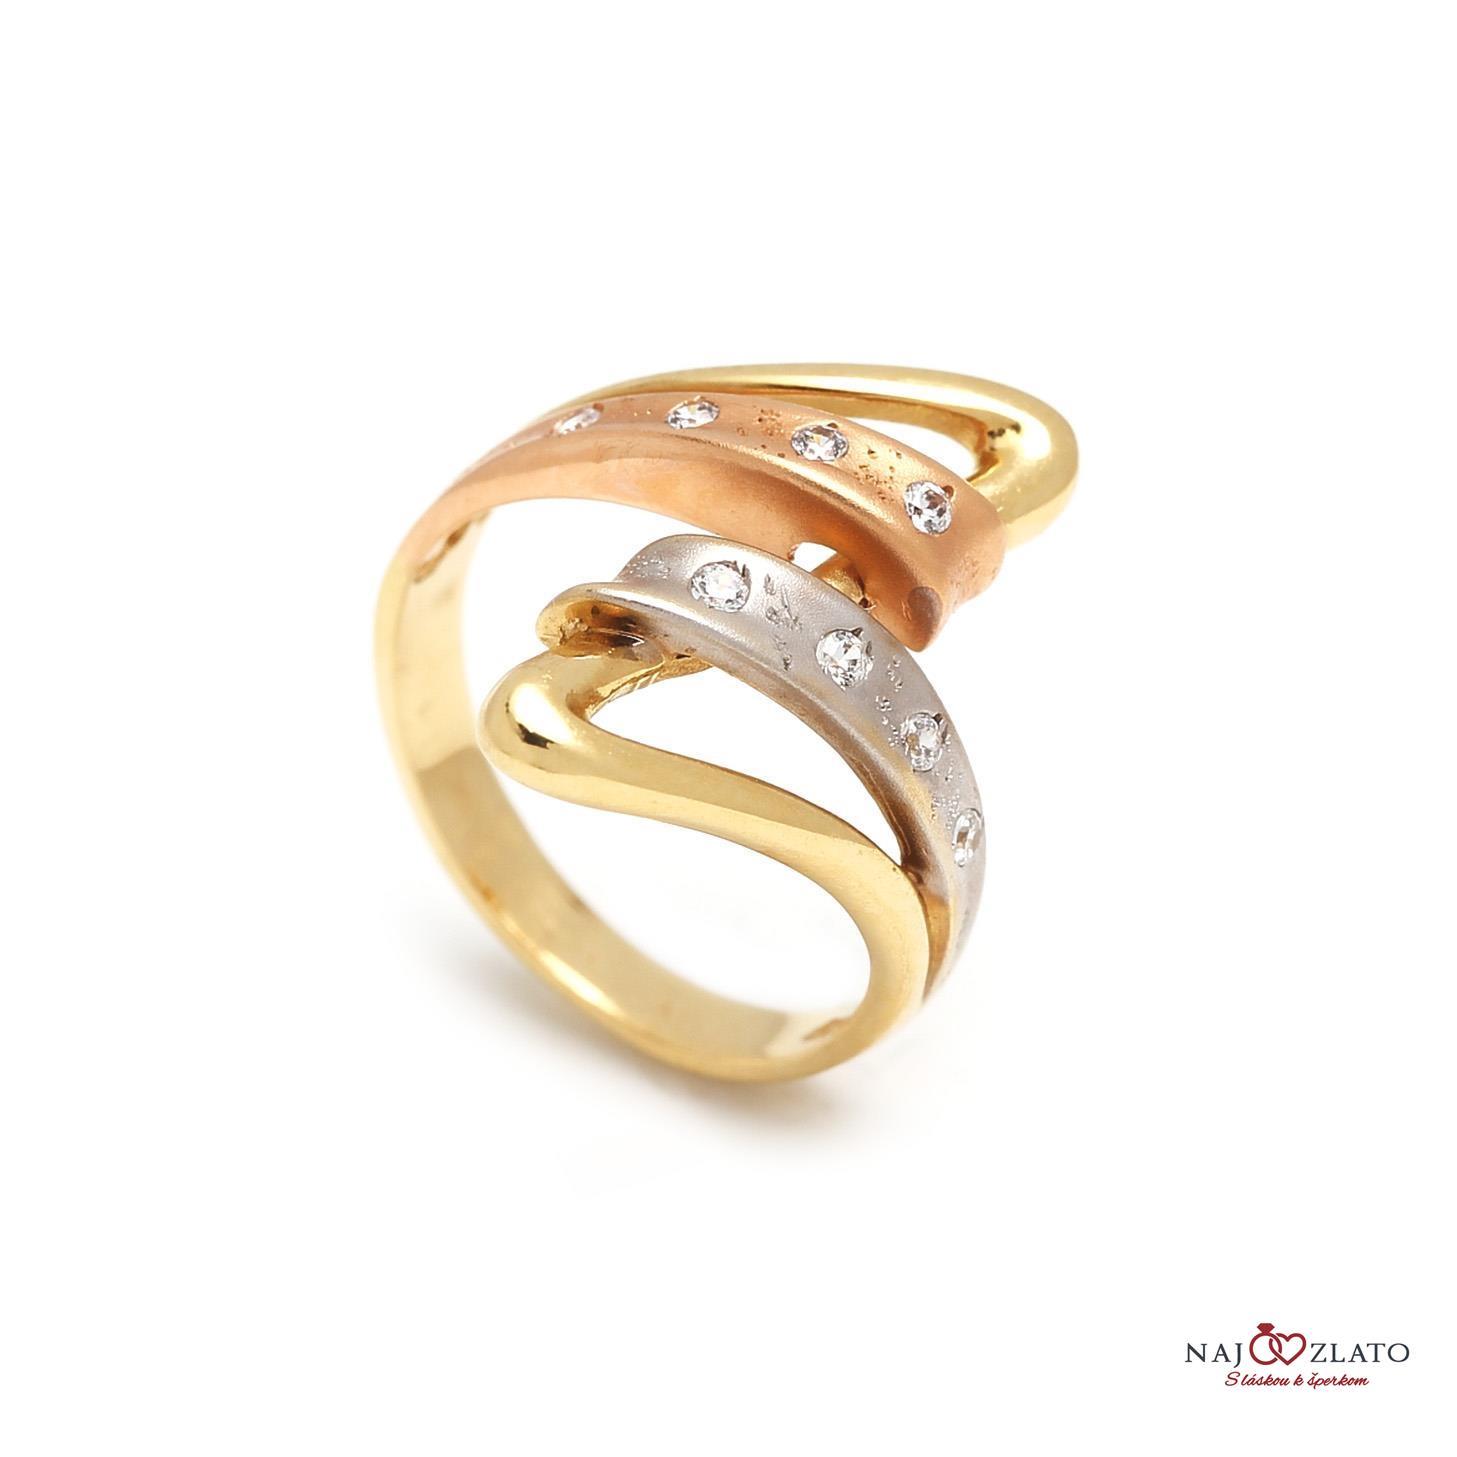 ae4d90104 Zlatý dámsky prsteň DELFINA   Najzlato.sk